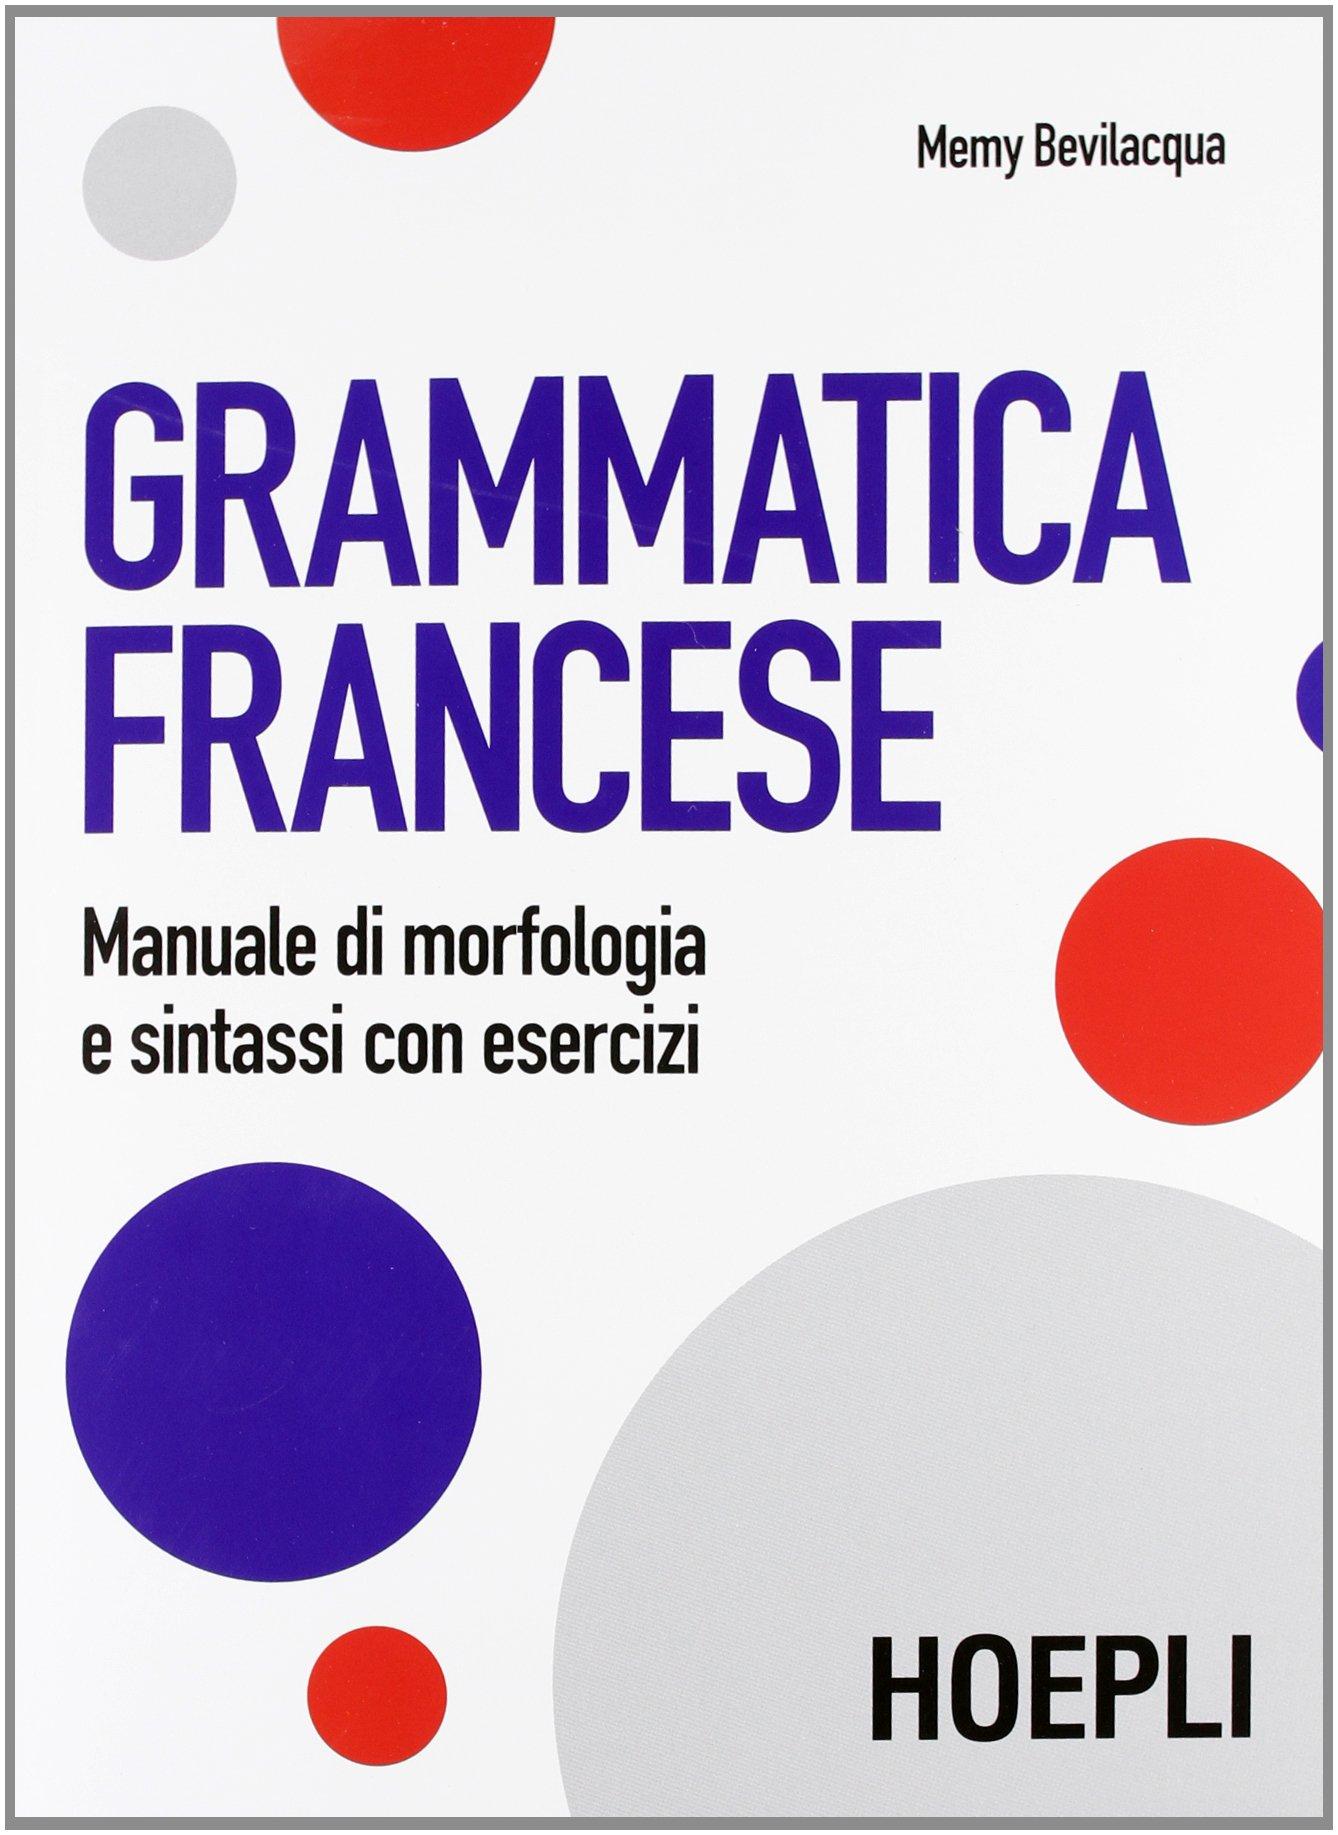 Grammatica francese. Manuale di morfologia e sintassi con esercizi:  Amazon.it: Memy Bevilacqua: Libri